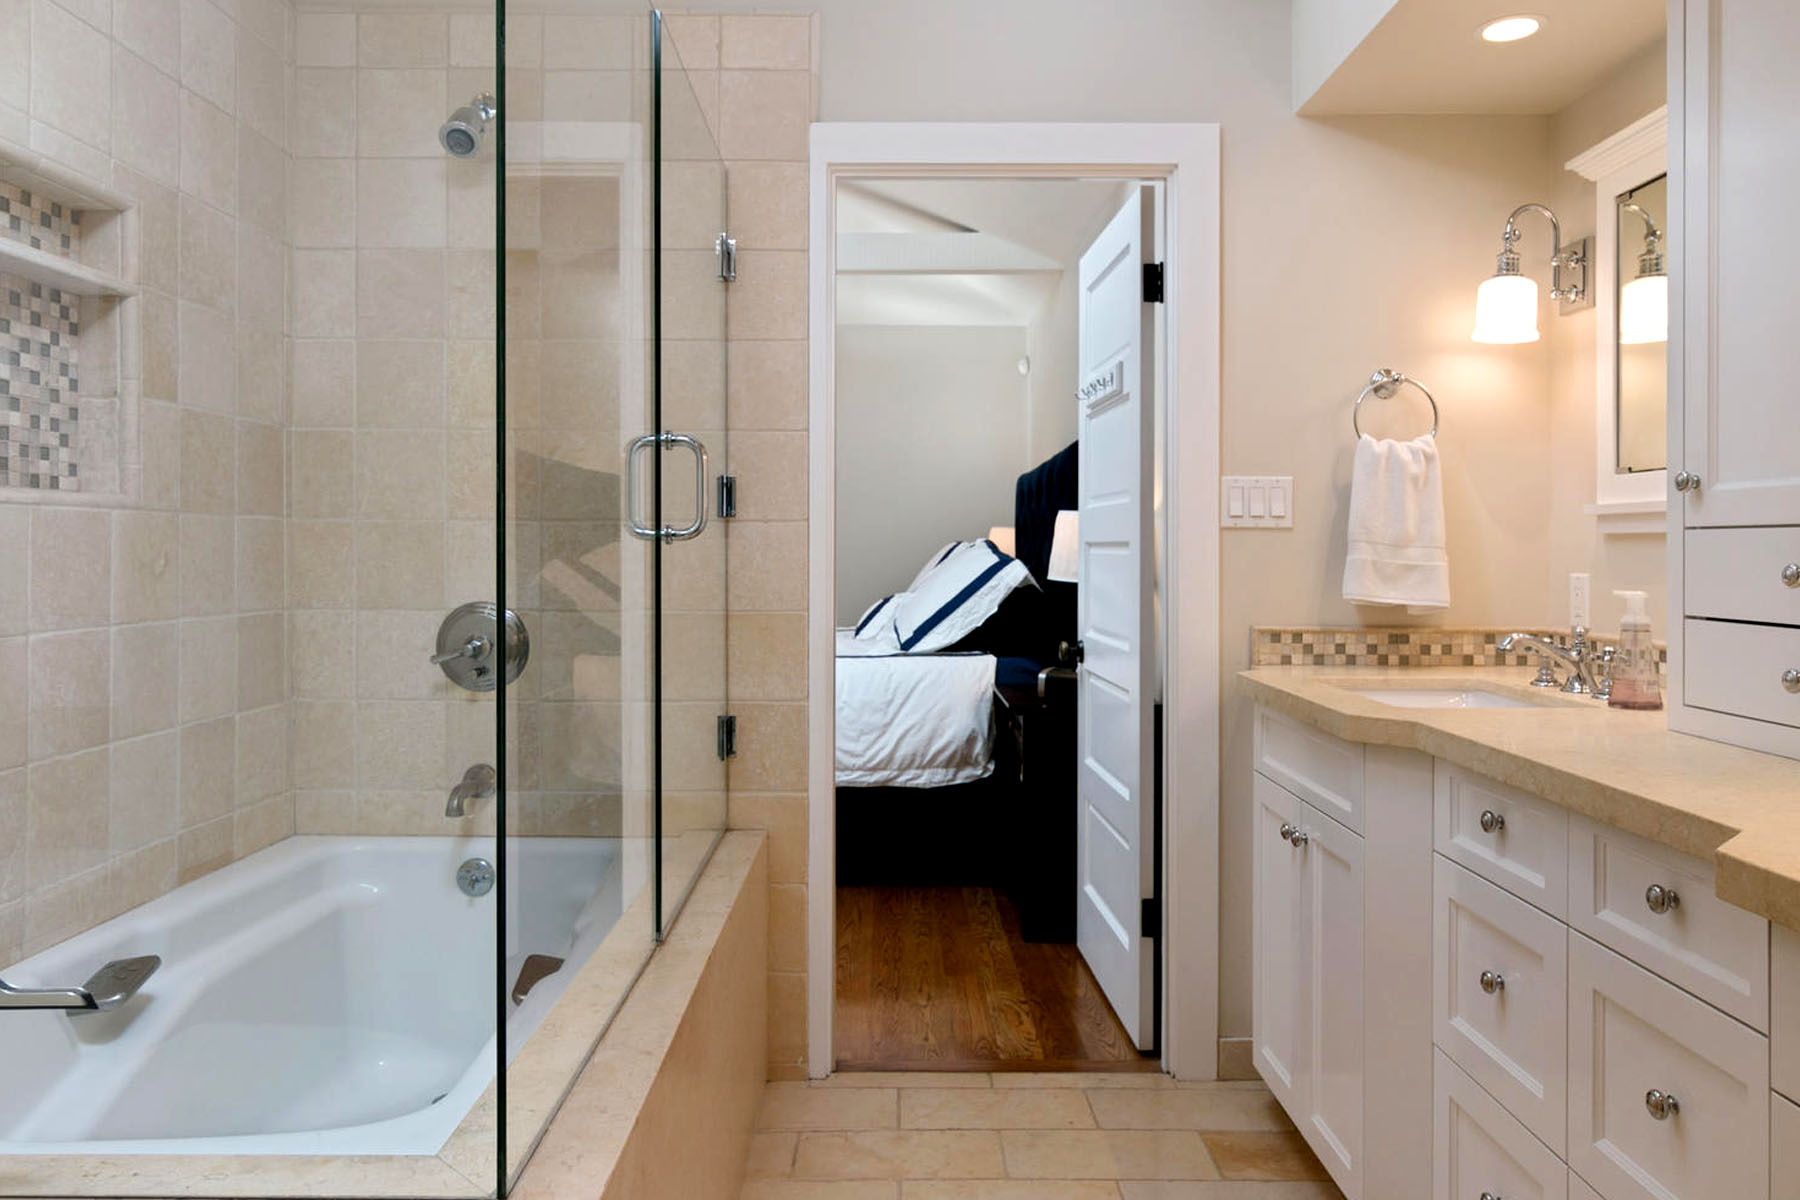 Parra Grande bathroom